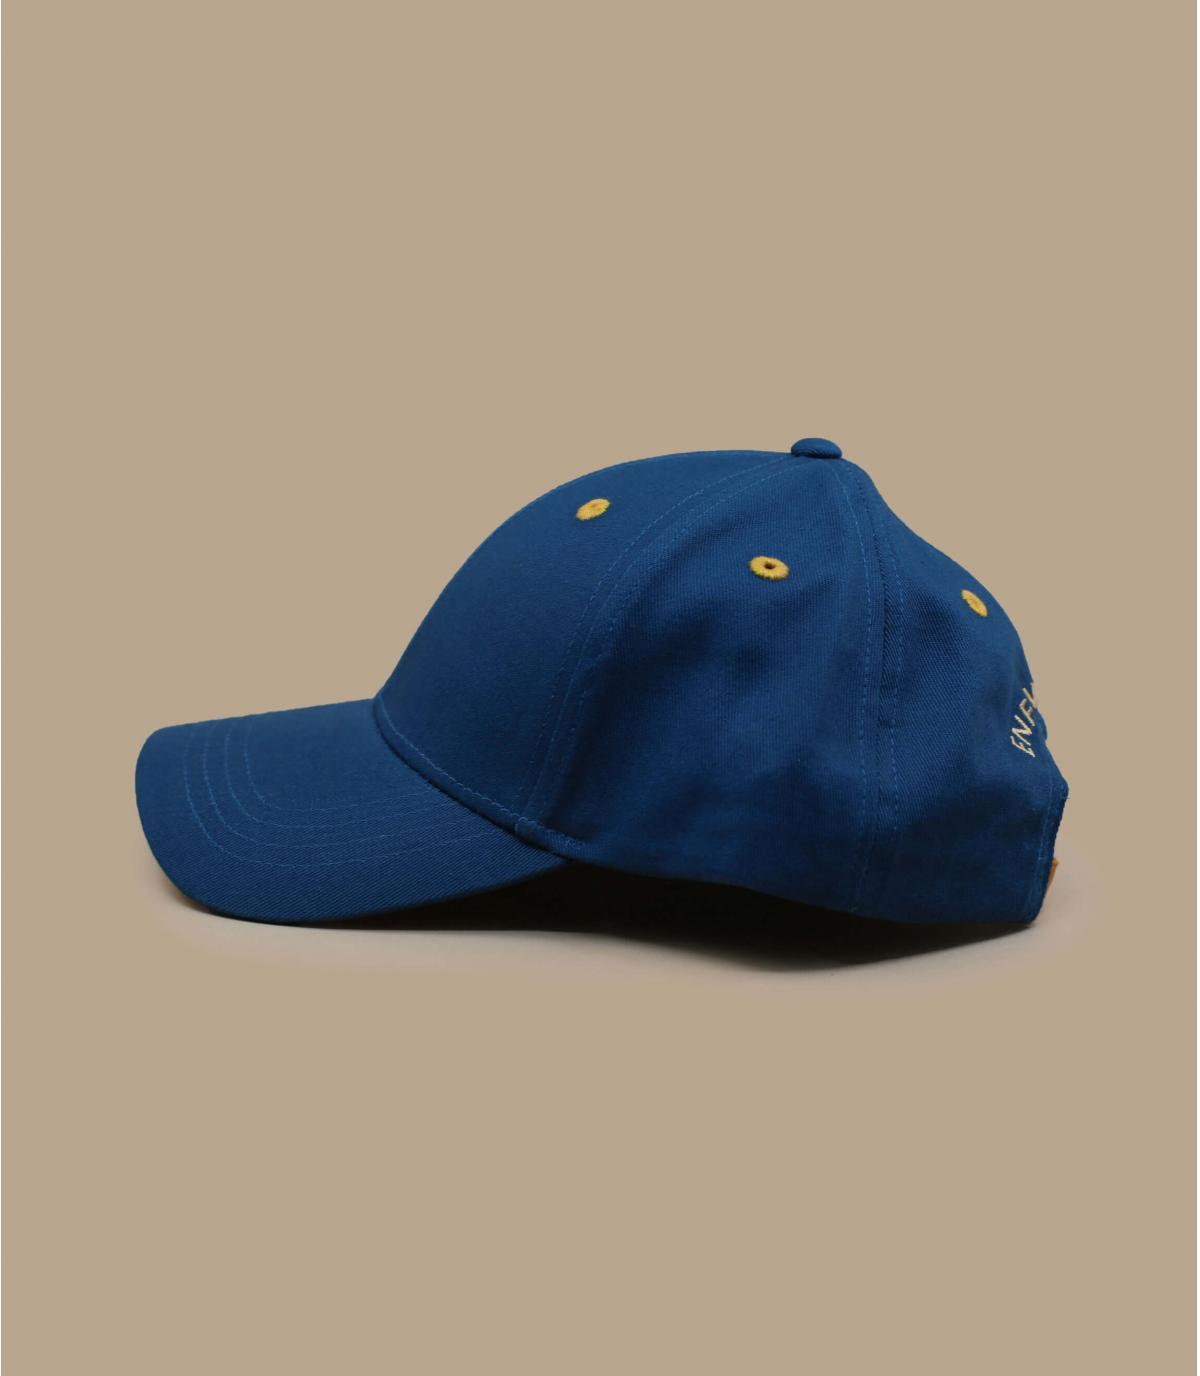 Details Enfant Terrible mineral blue - afbeeling 2